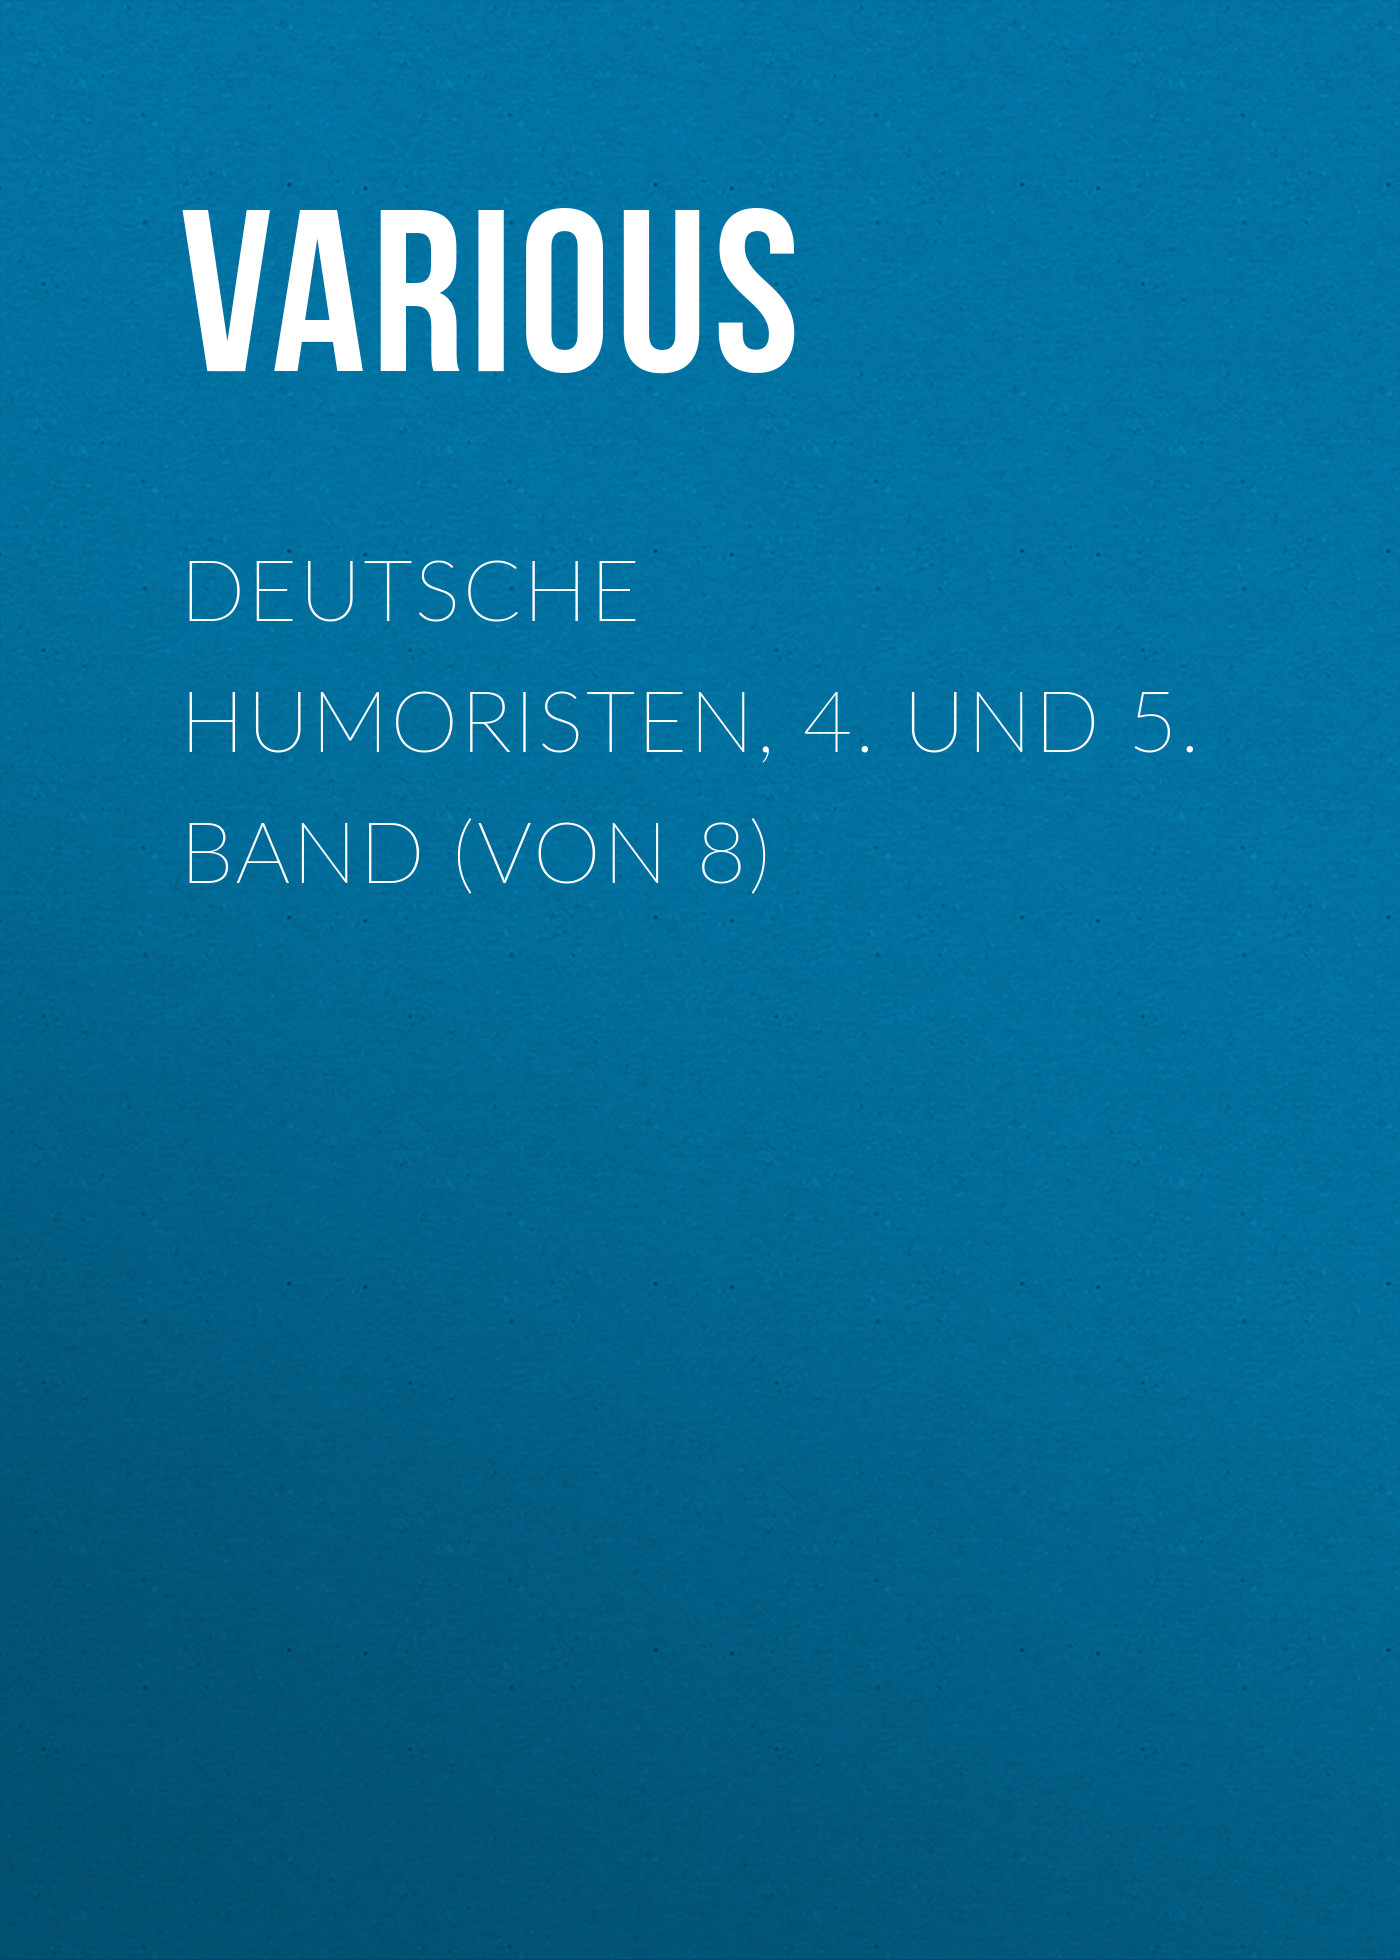 цены Various Deutsche Humoristen, 4. und 5. Band (von 8)